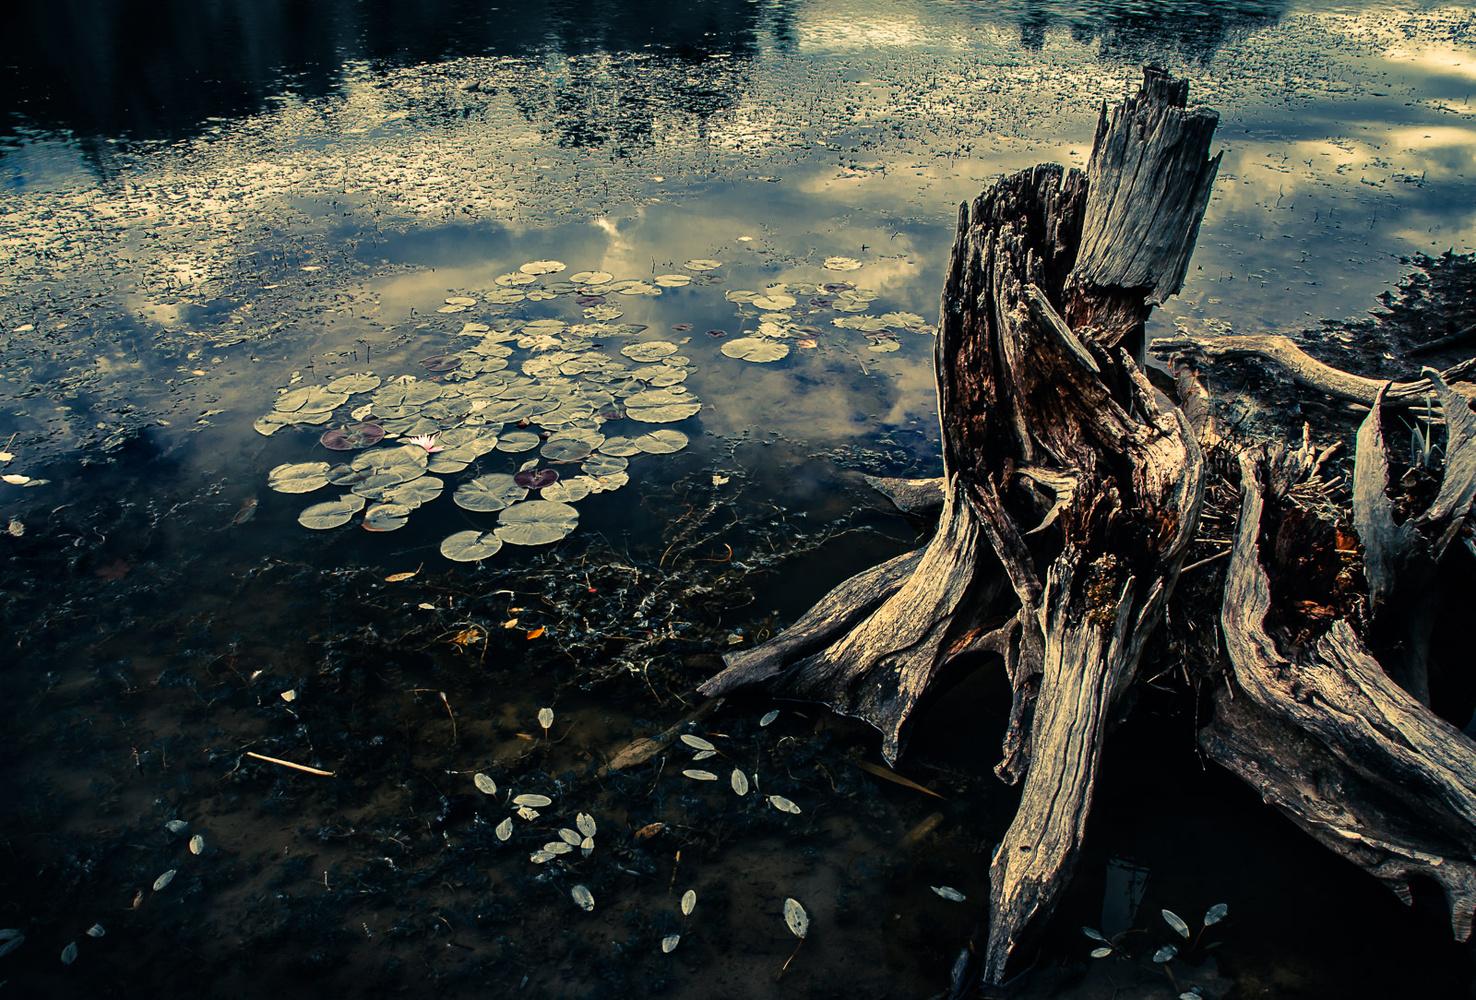 Old Stump in Drought by David Peruzzini